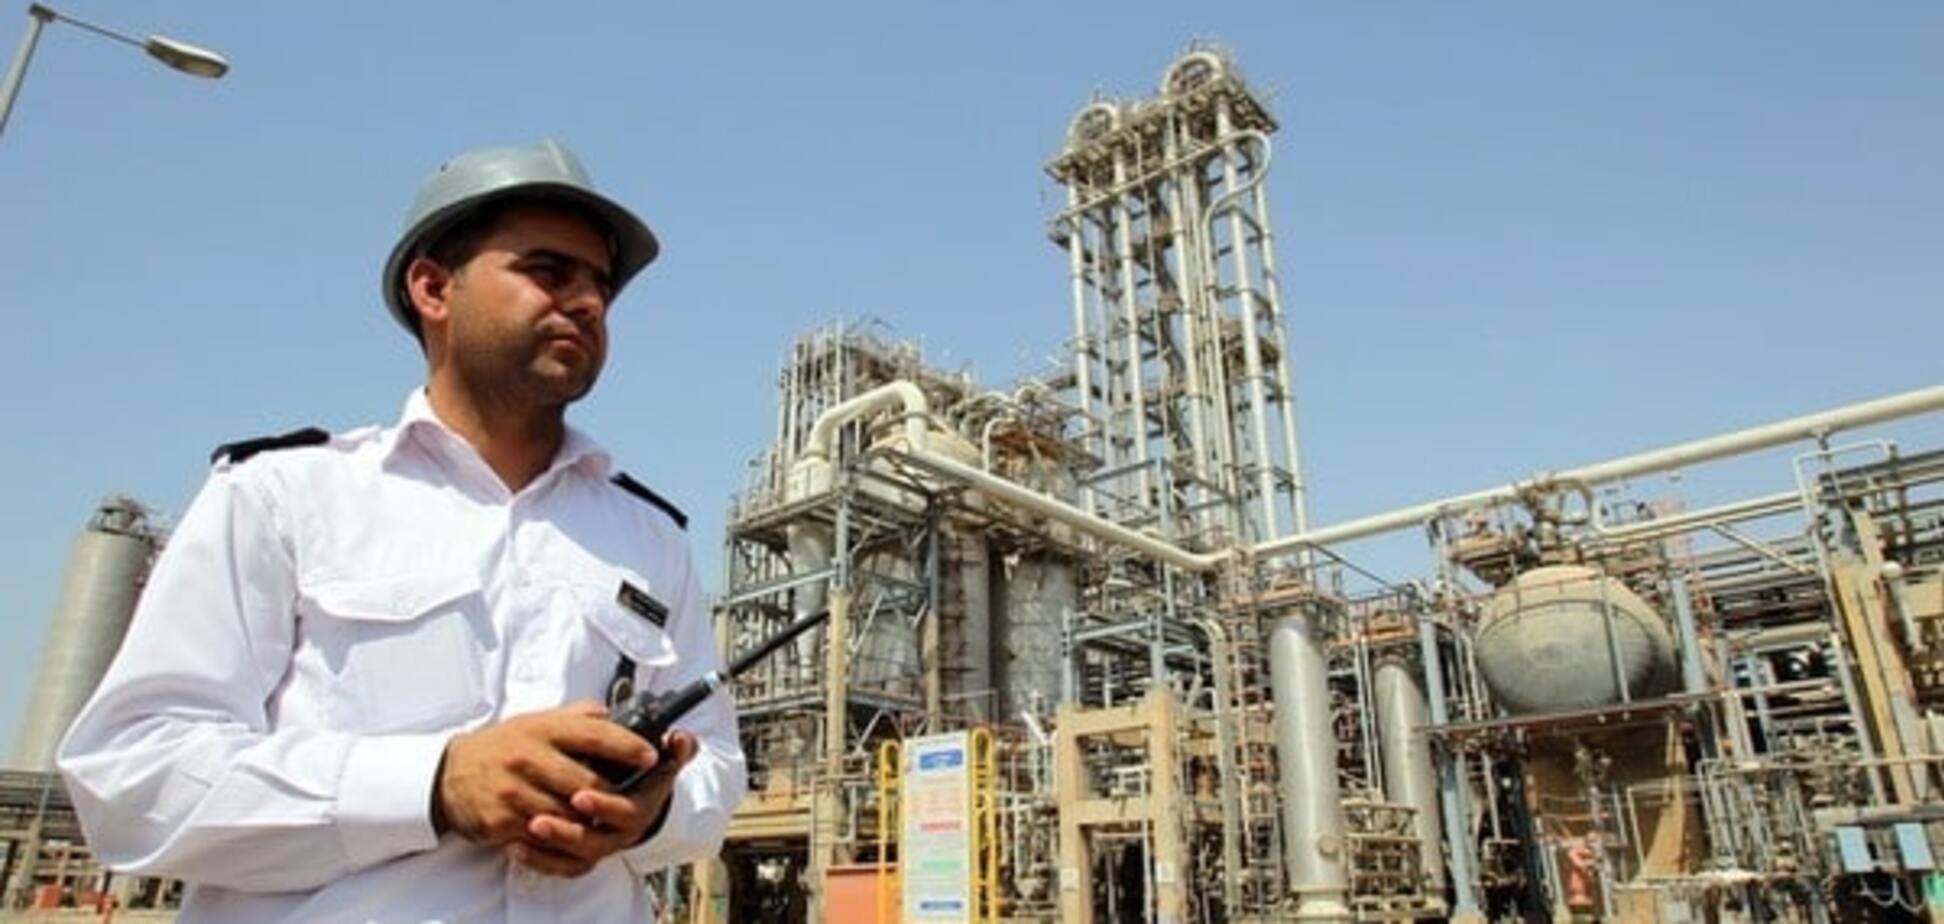 'Путіноміку змиває в сортир': соцмережі про зняття санкцій з Ірану